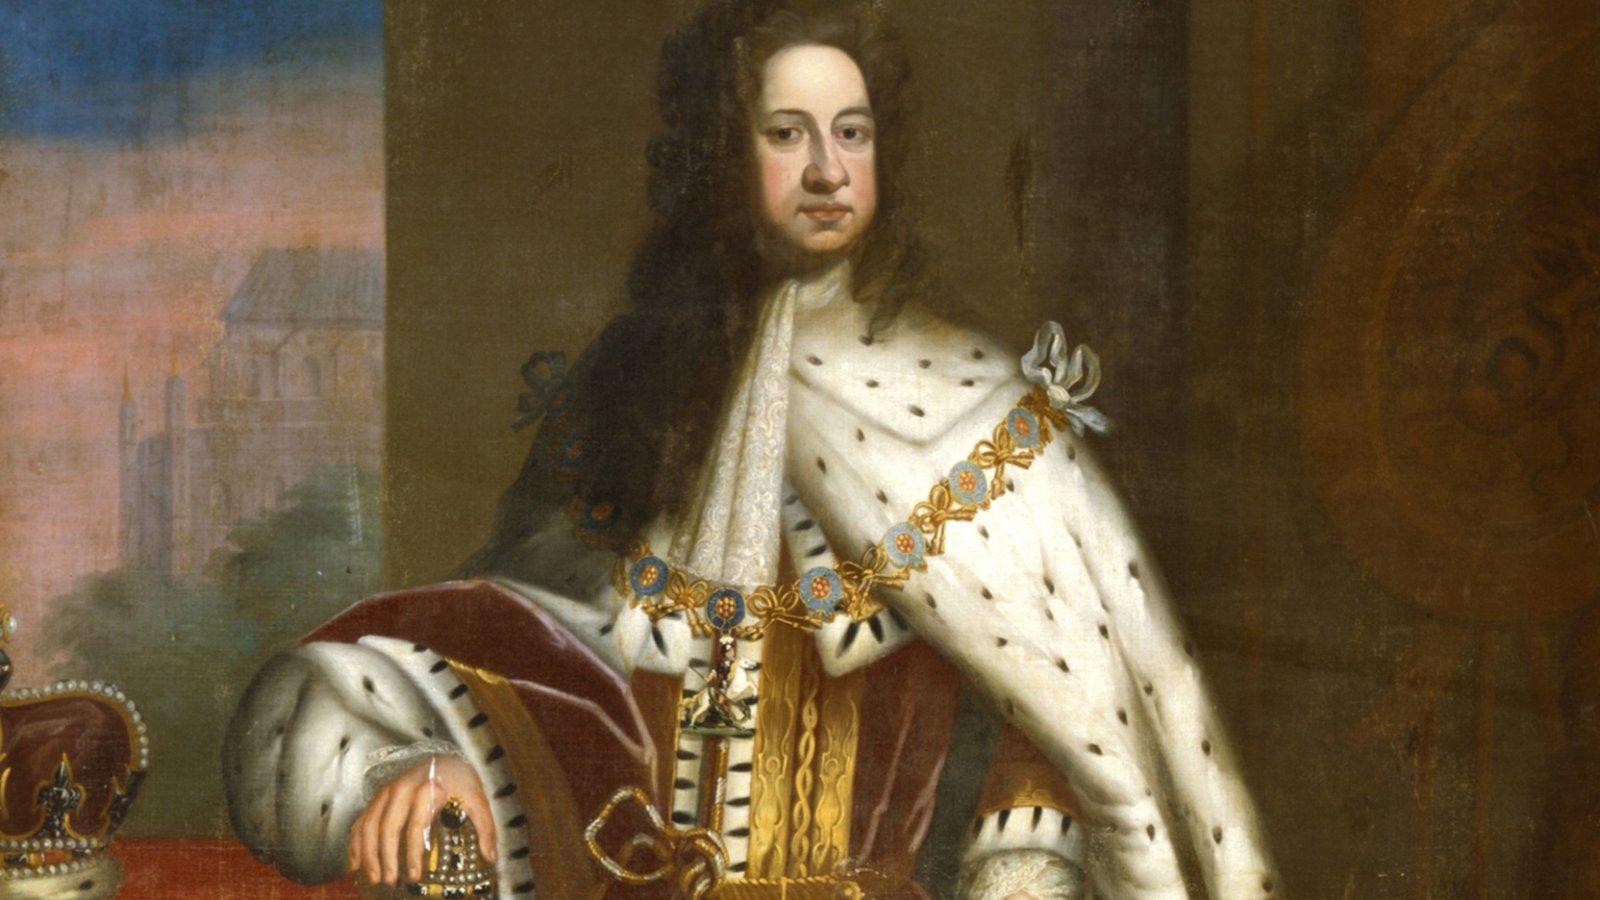 Hanoverian Epilogue - 1714 - 30